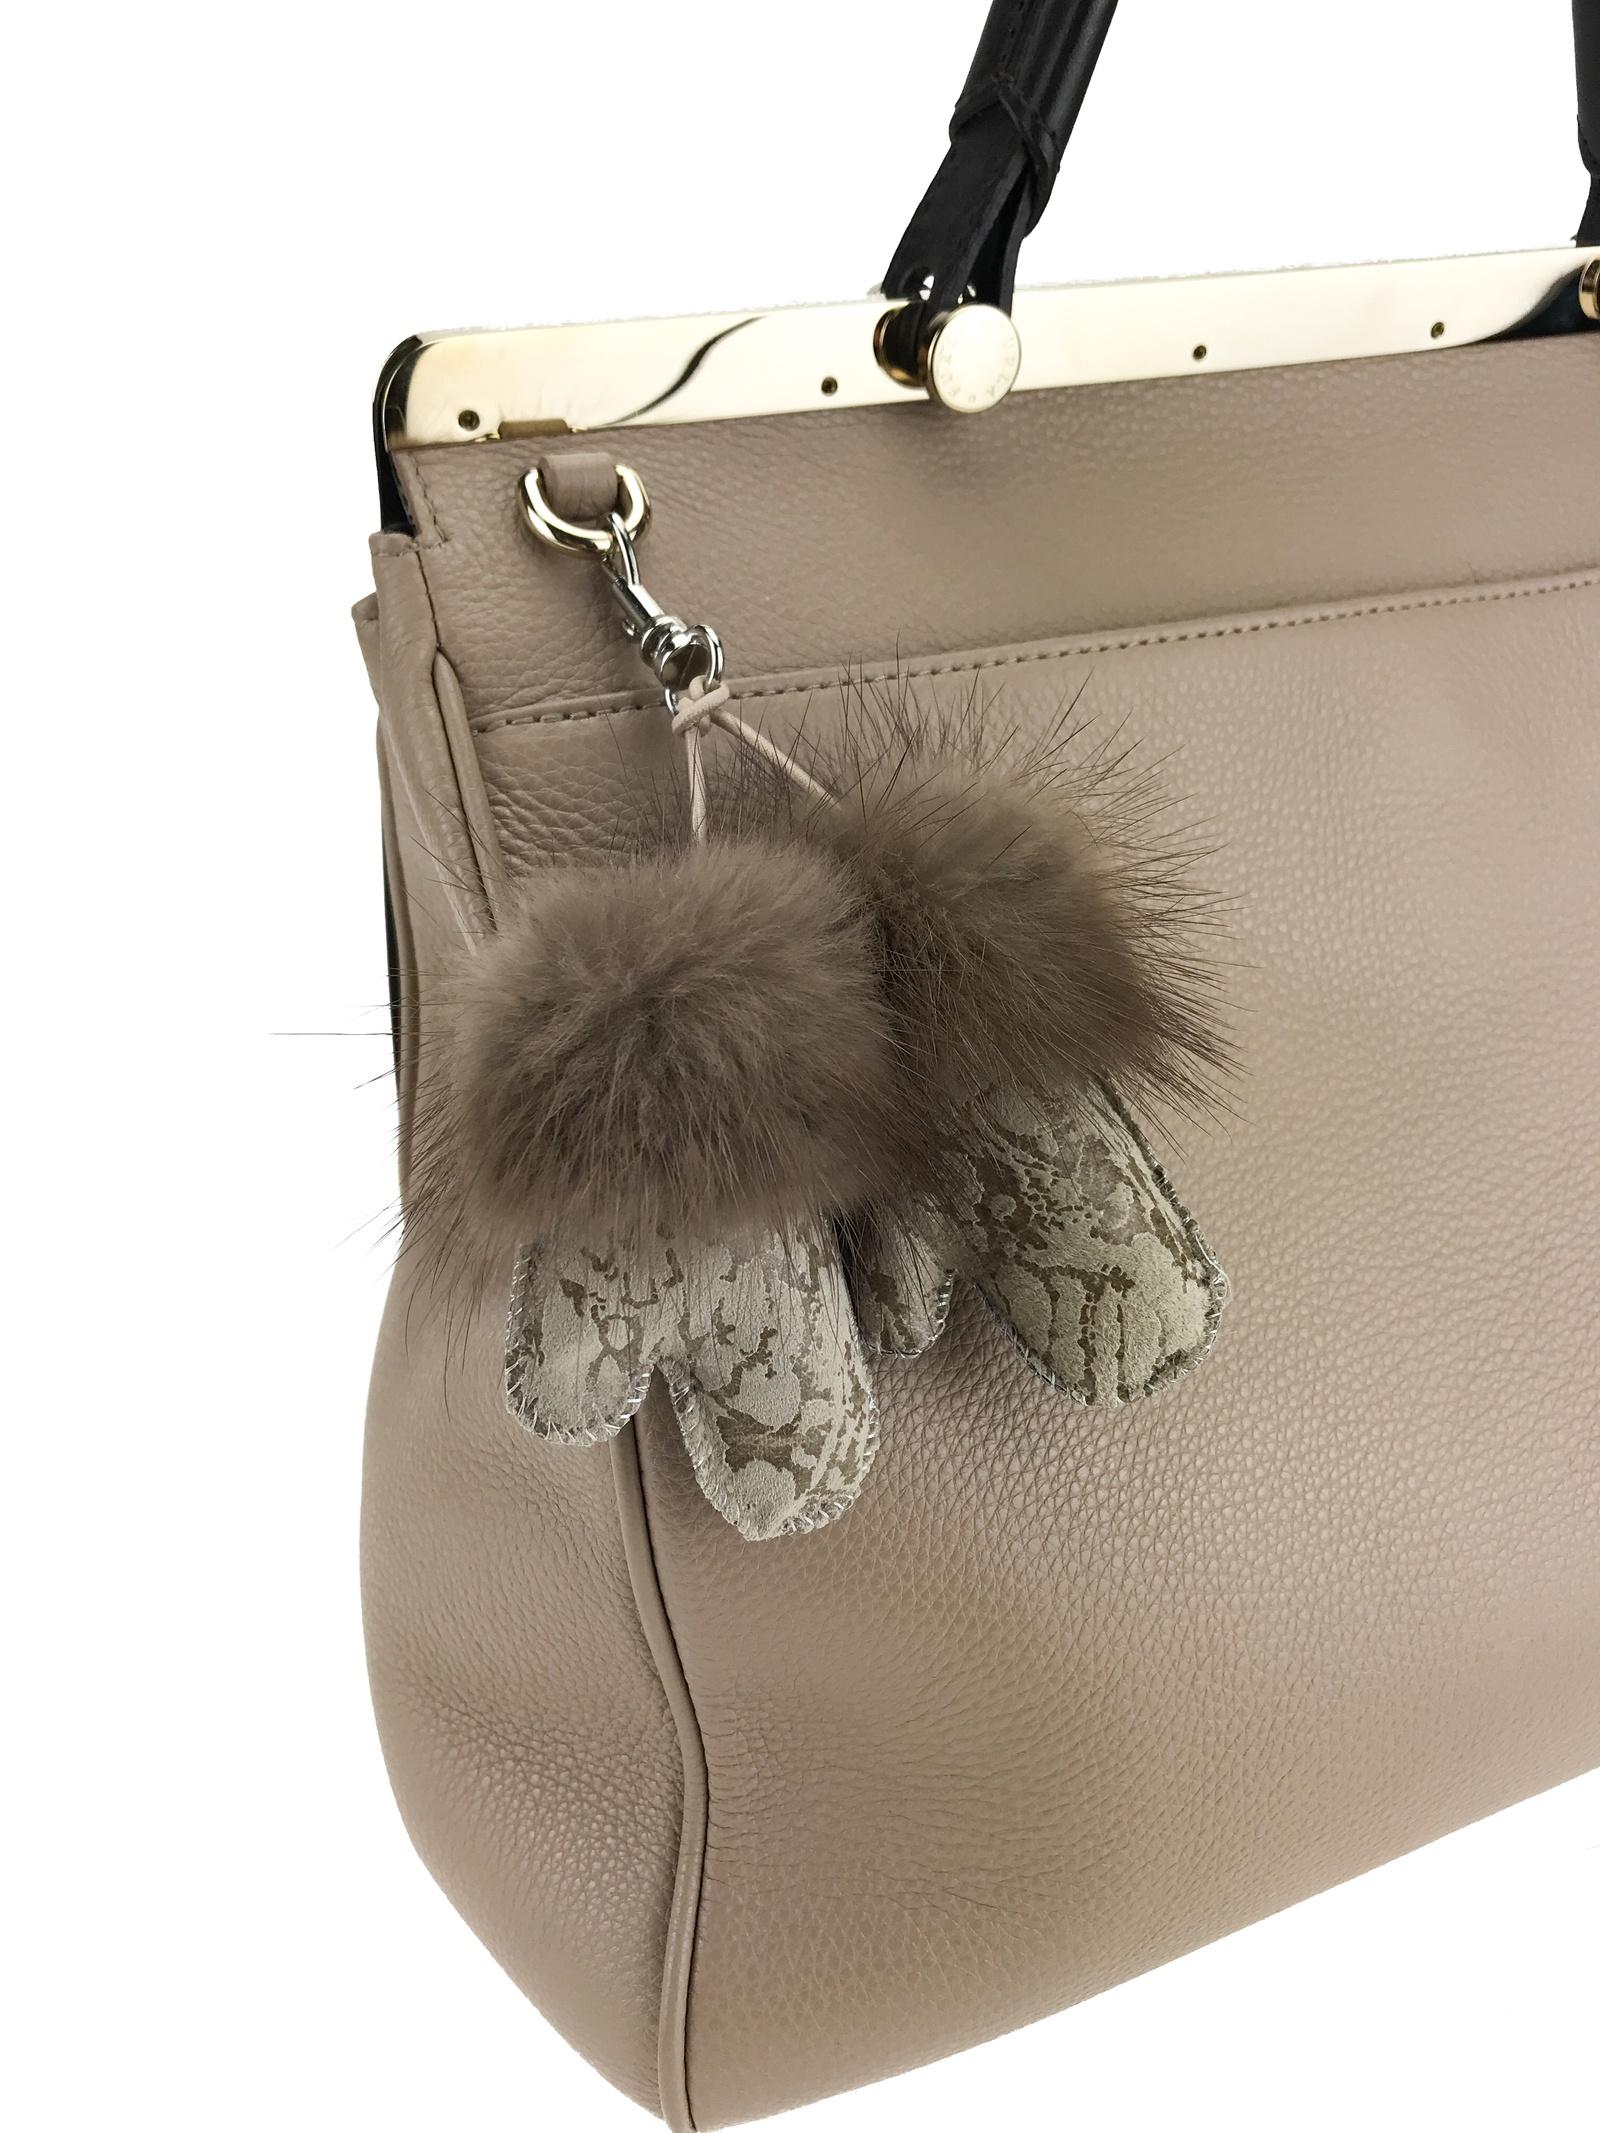 Брелок для сумки Mex-Style Брелок-рукавички, бежевый брелок для сумки rolf schulte